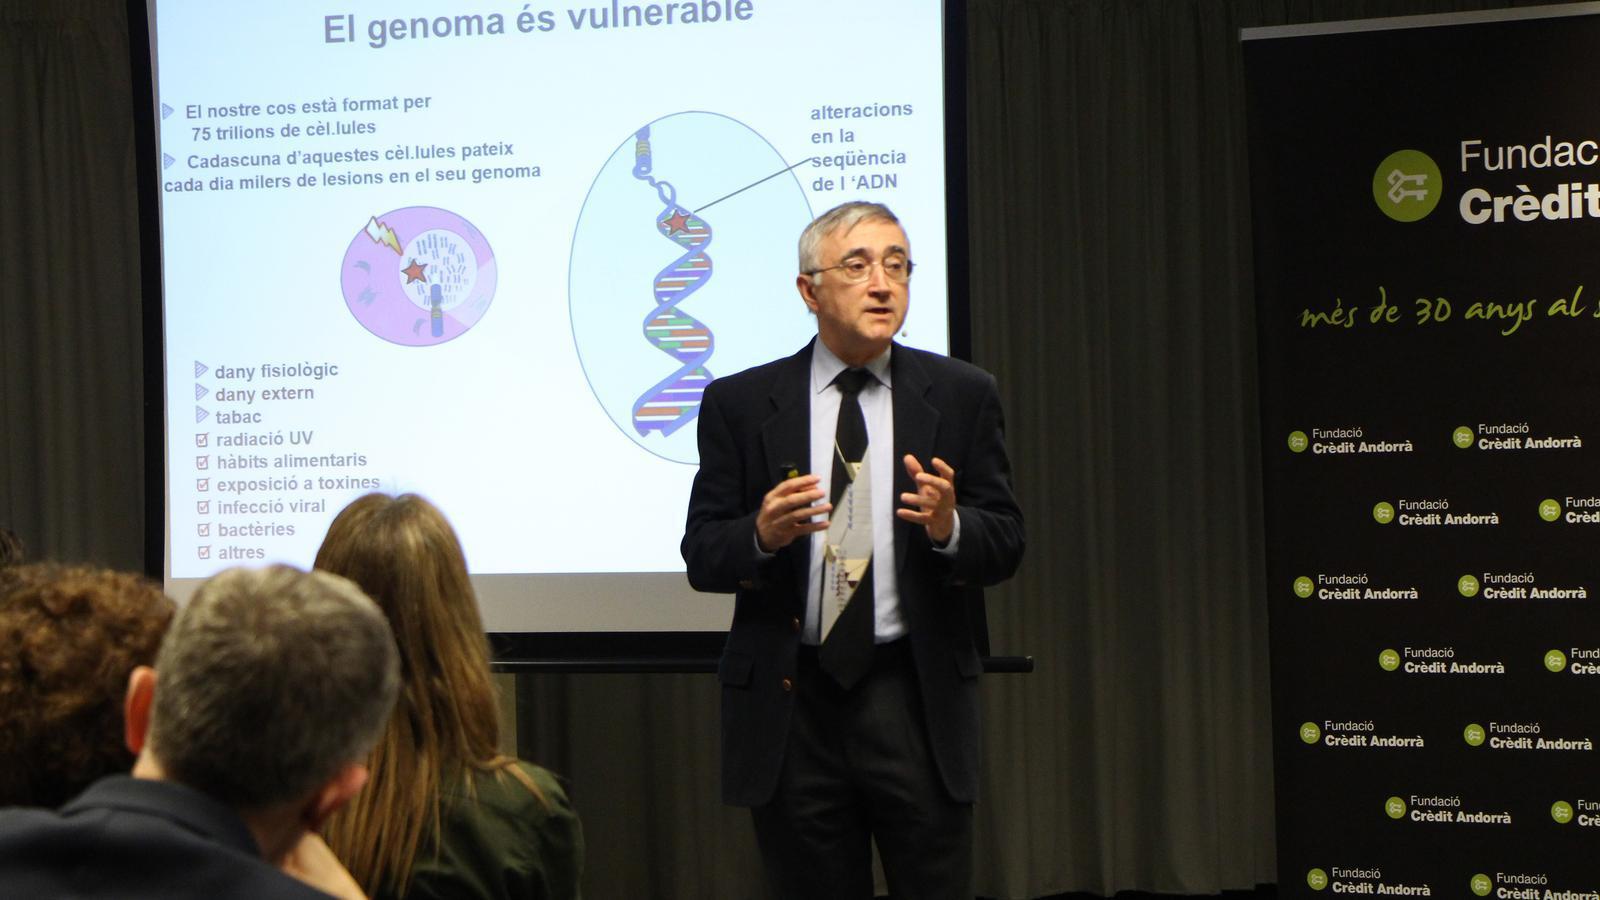 El director de recerca de l'Hospital Clínic de Barcelona, Elías Campo, durant la xerrada. / M. F. (ANA)